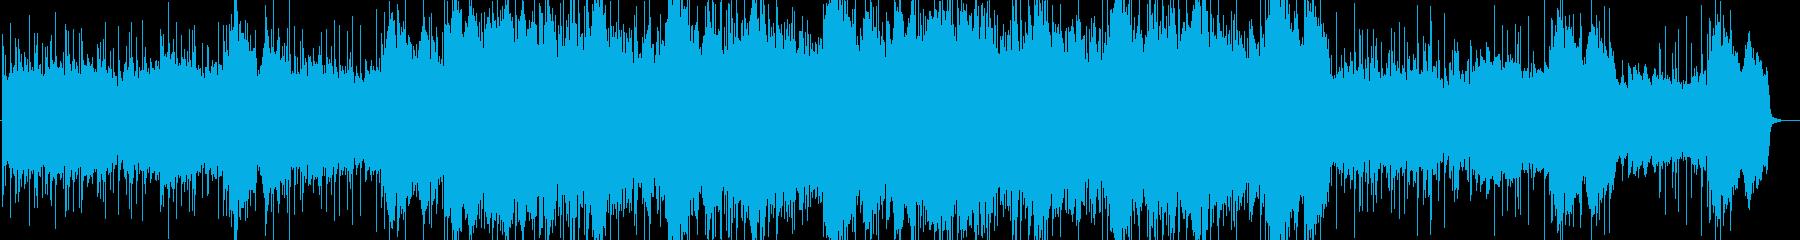 このオーケストラと電子楽器の現代的...の再生済みの波形